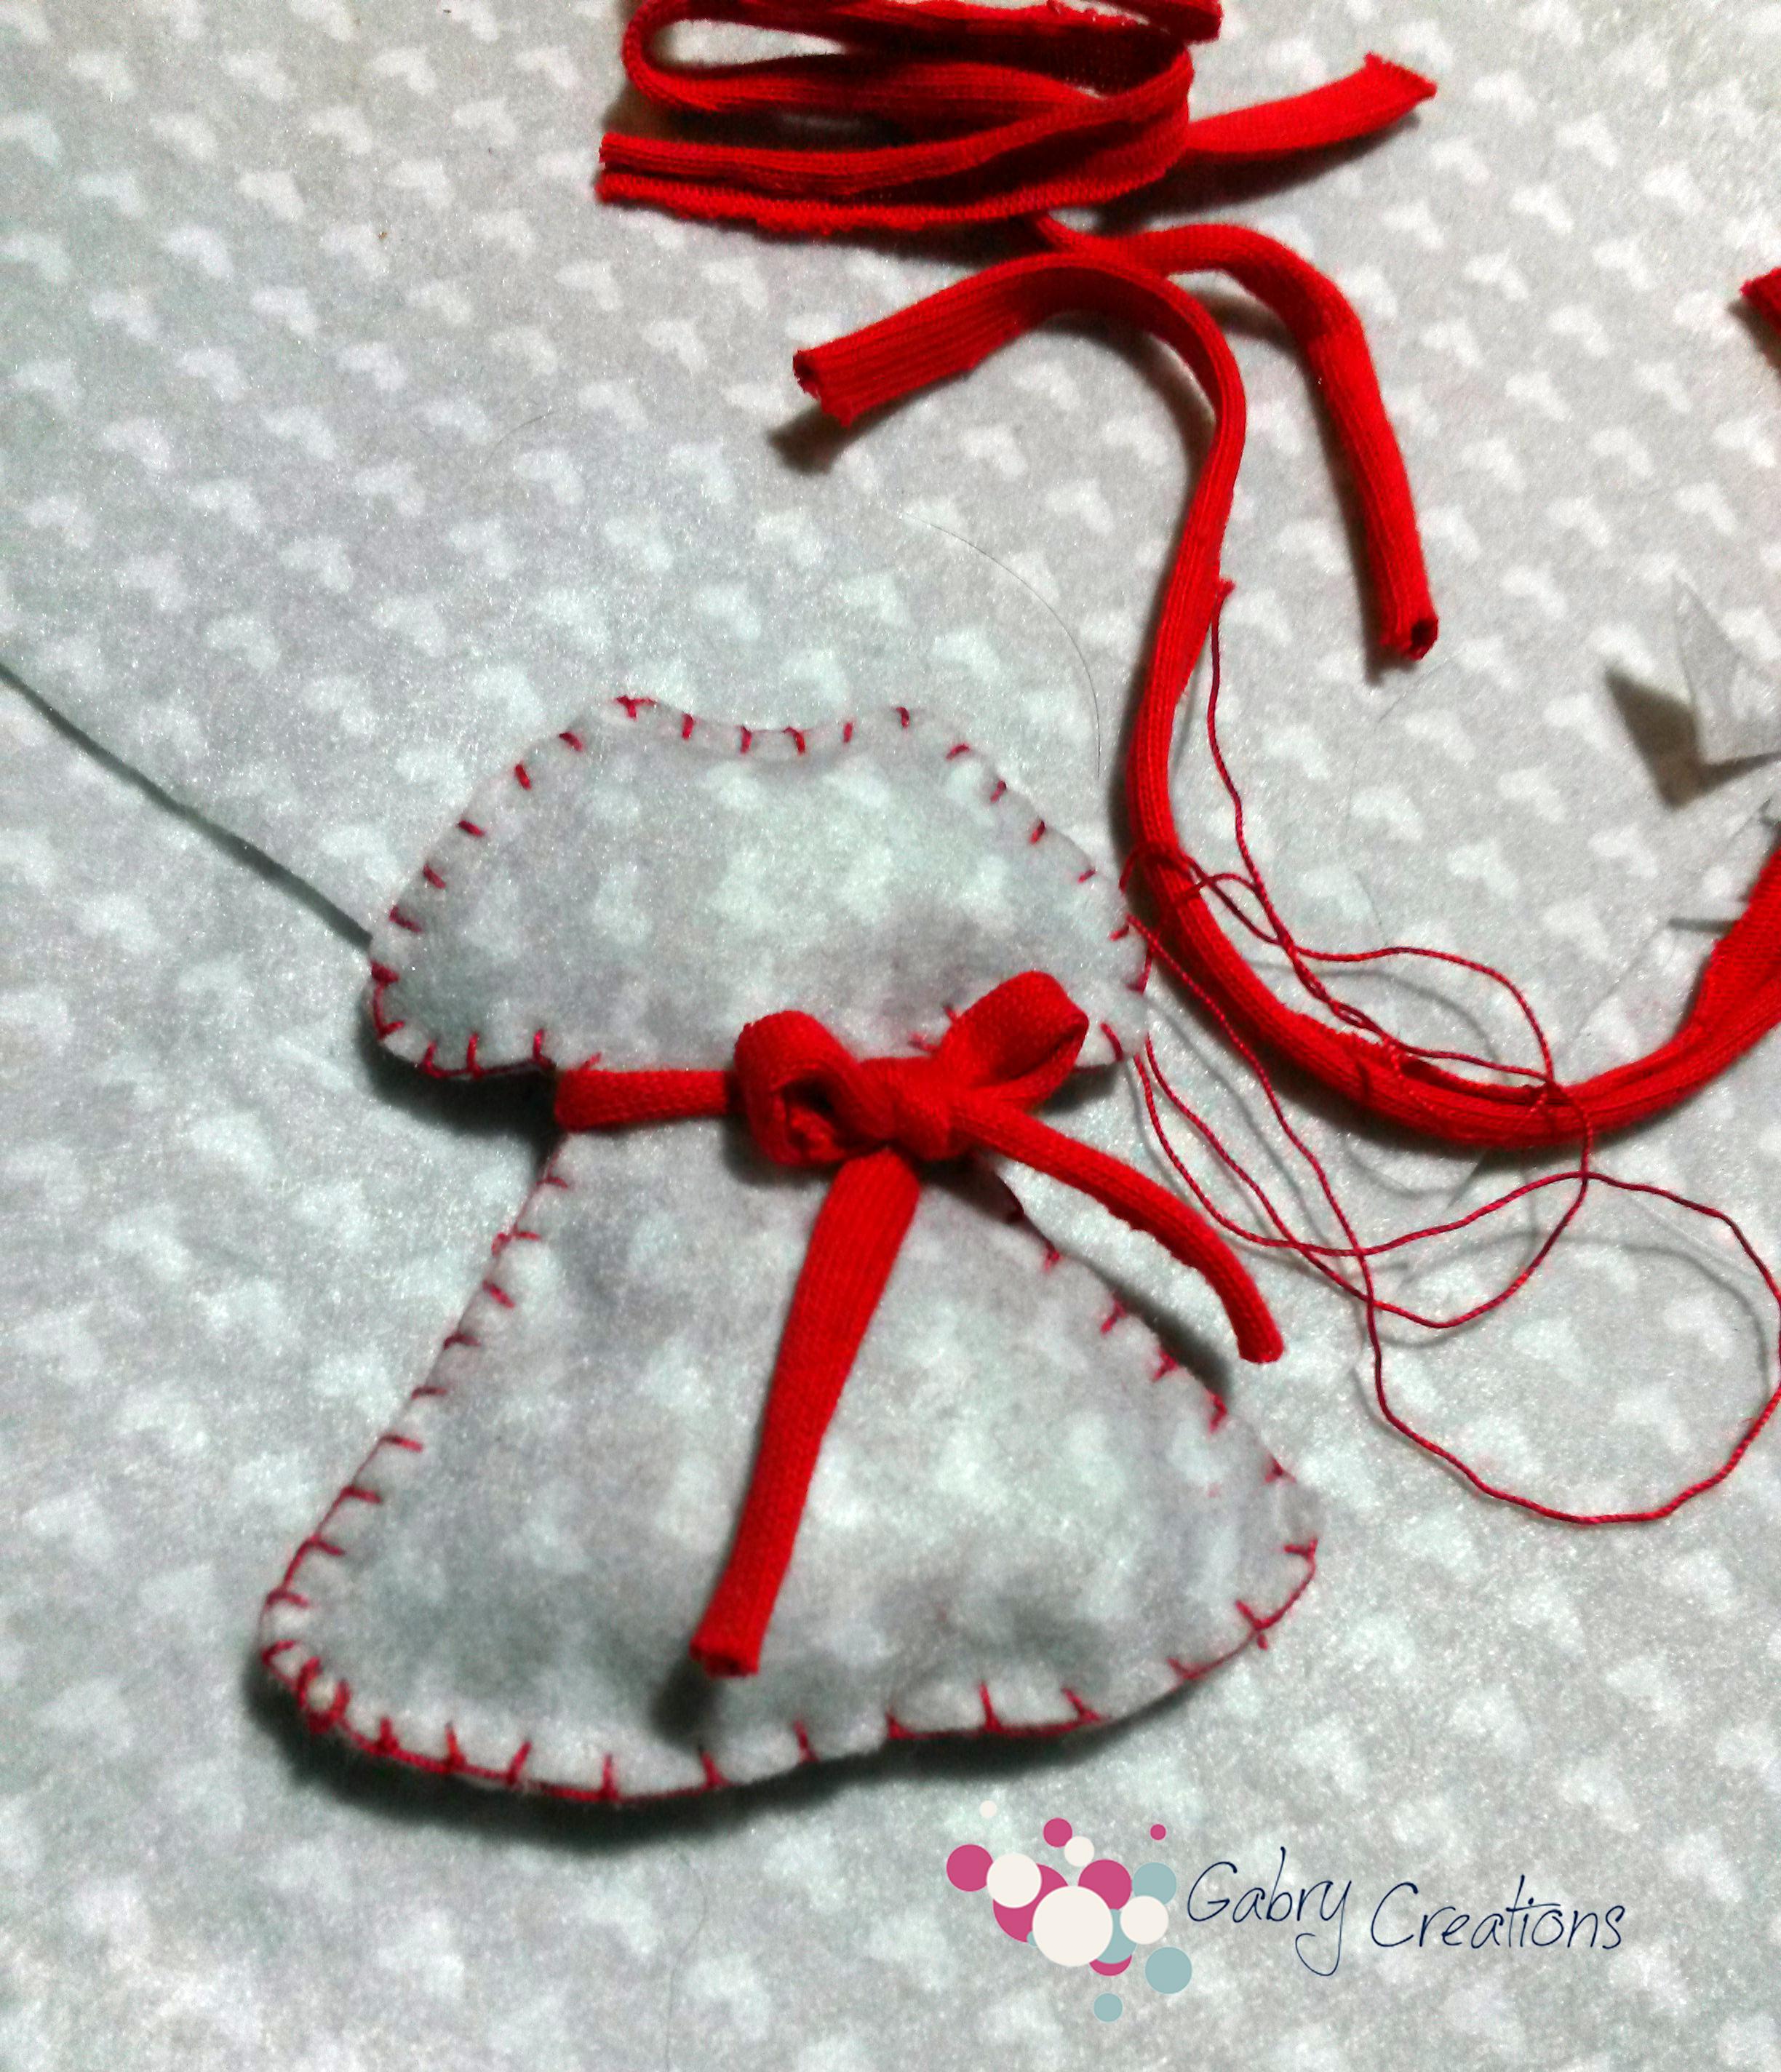 Vestitini di natale- idee per addobbare l'albero di Natale